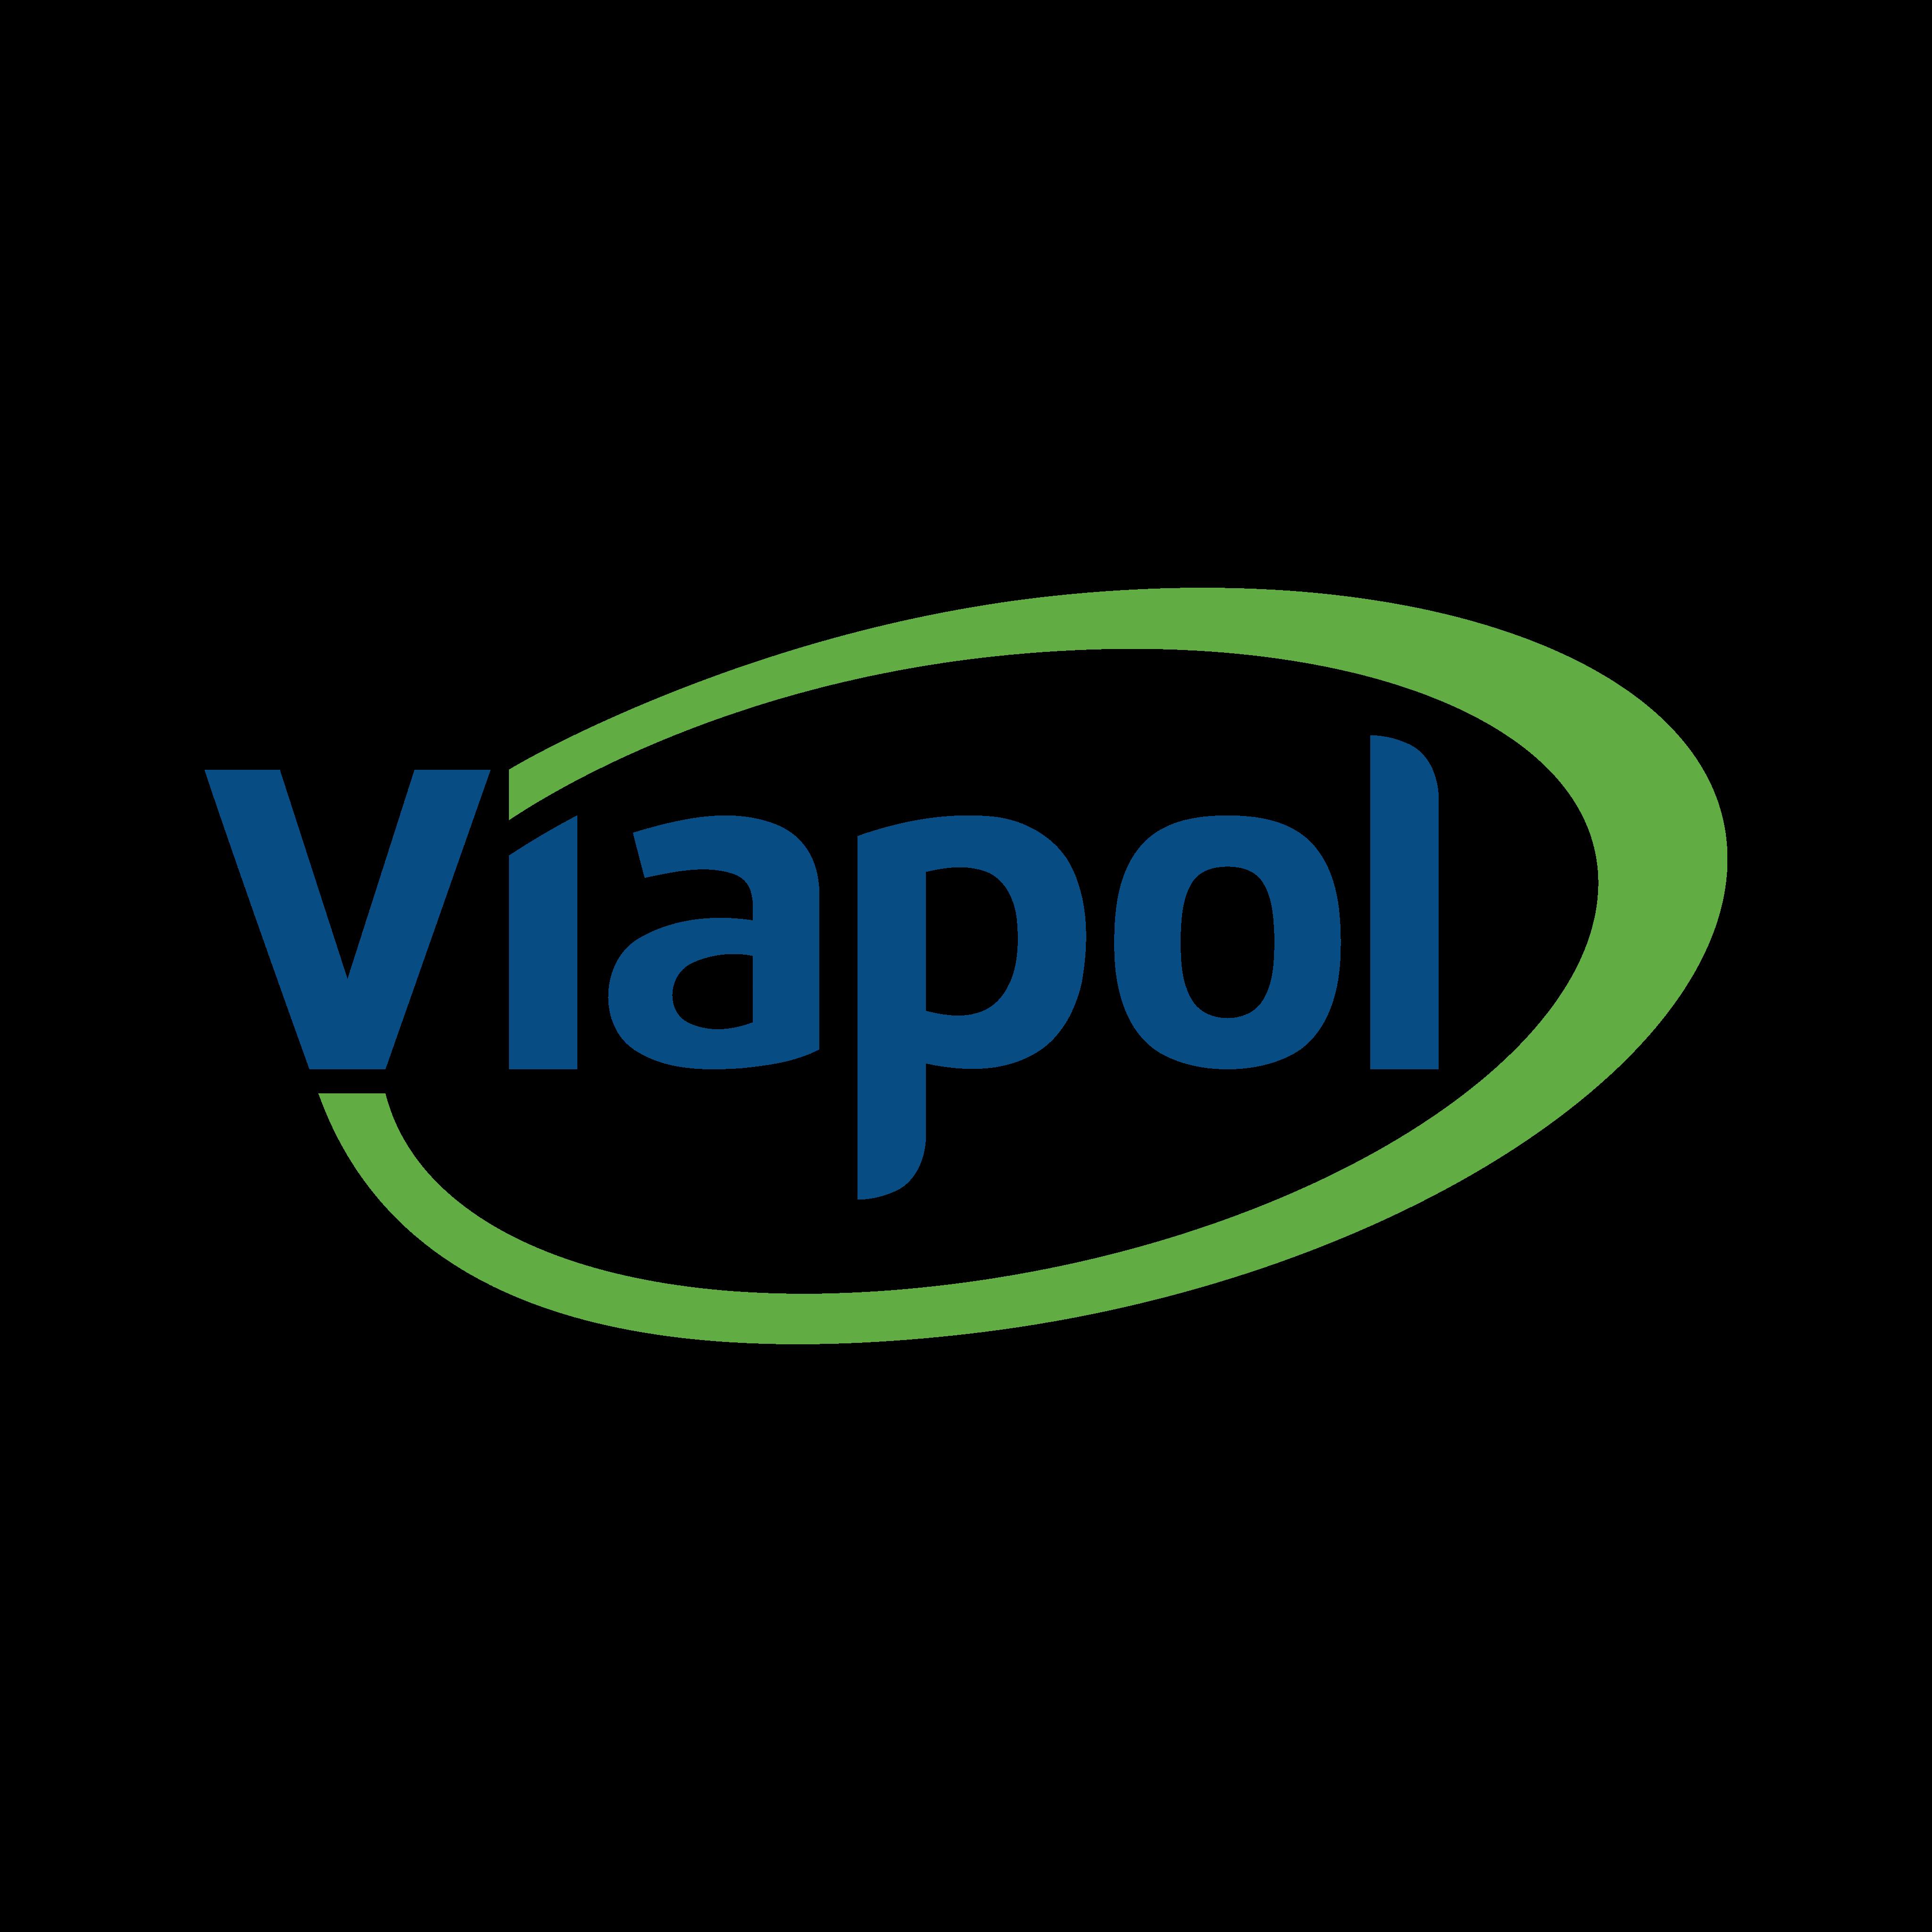 viapol logo 0 - Viapol Logo